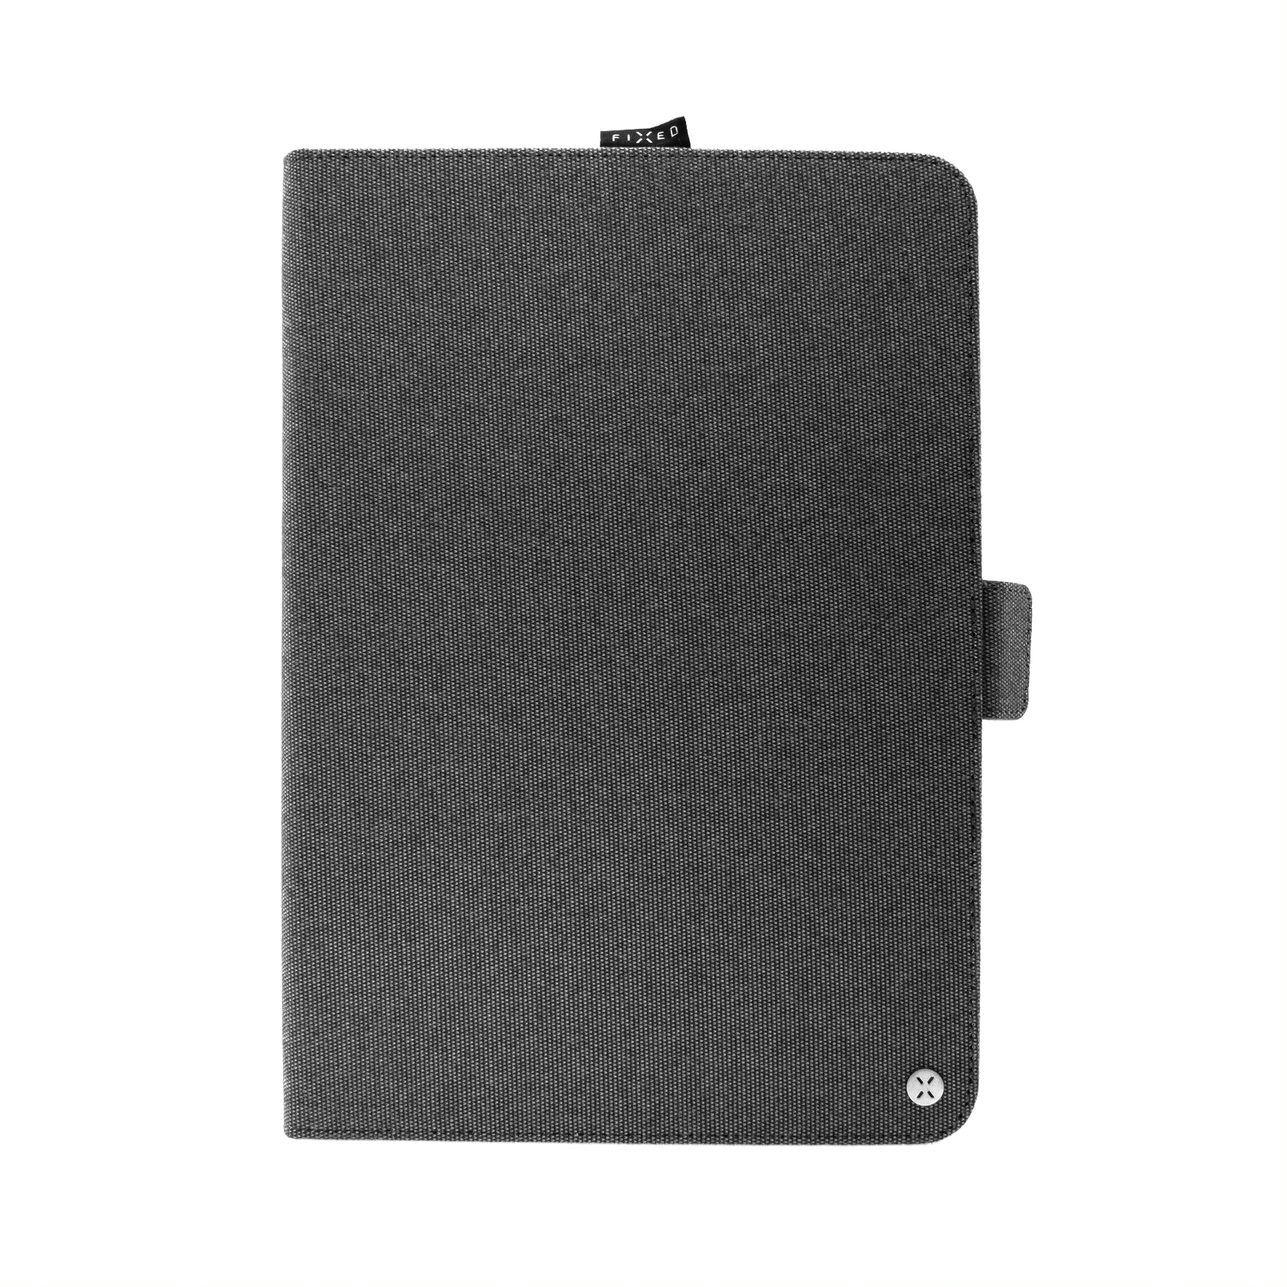 """Textilní pouzdro pro 10,1"""" tablety FIXED Novel se stojánkem a kapsou pro stylus, temně šedé"""